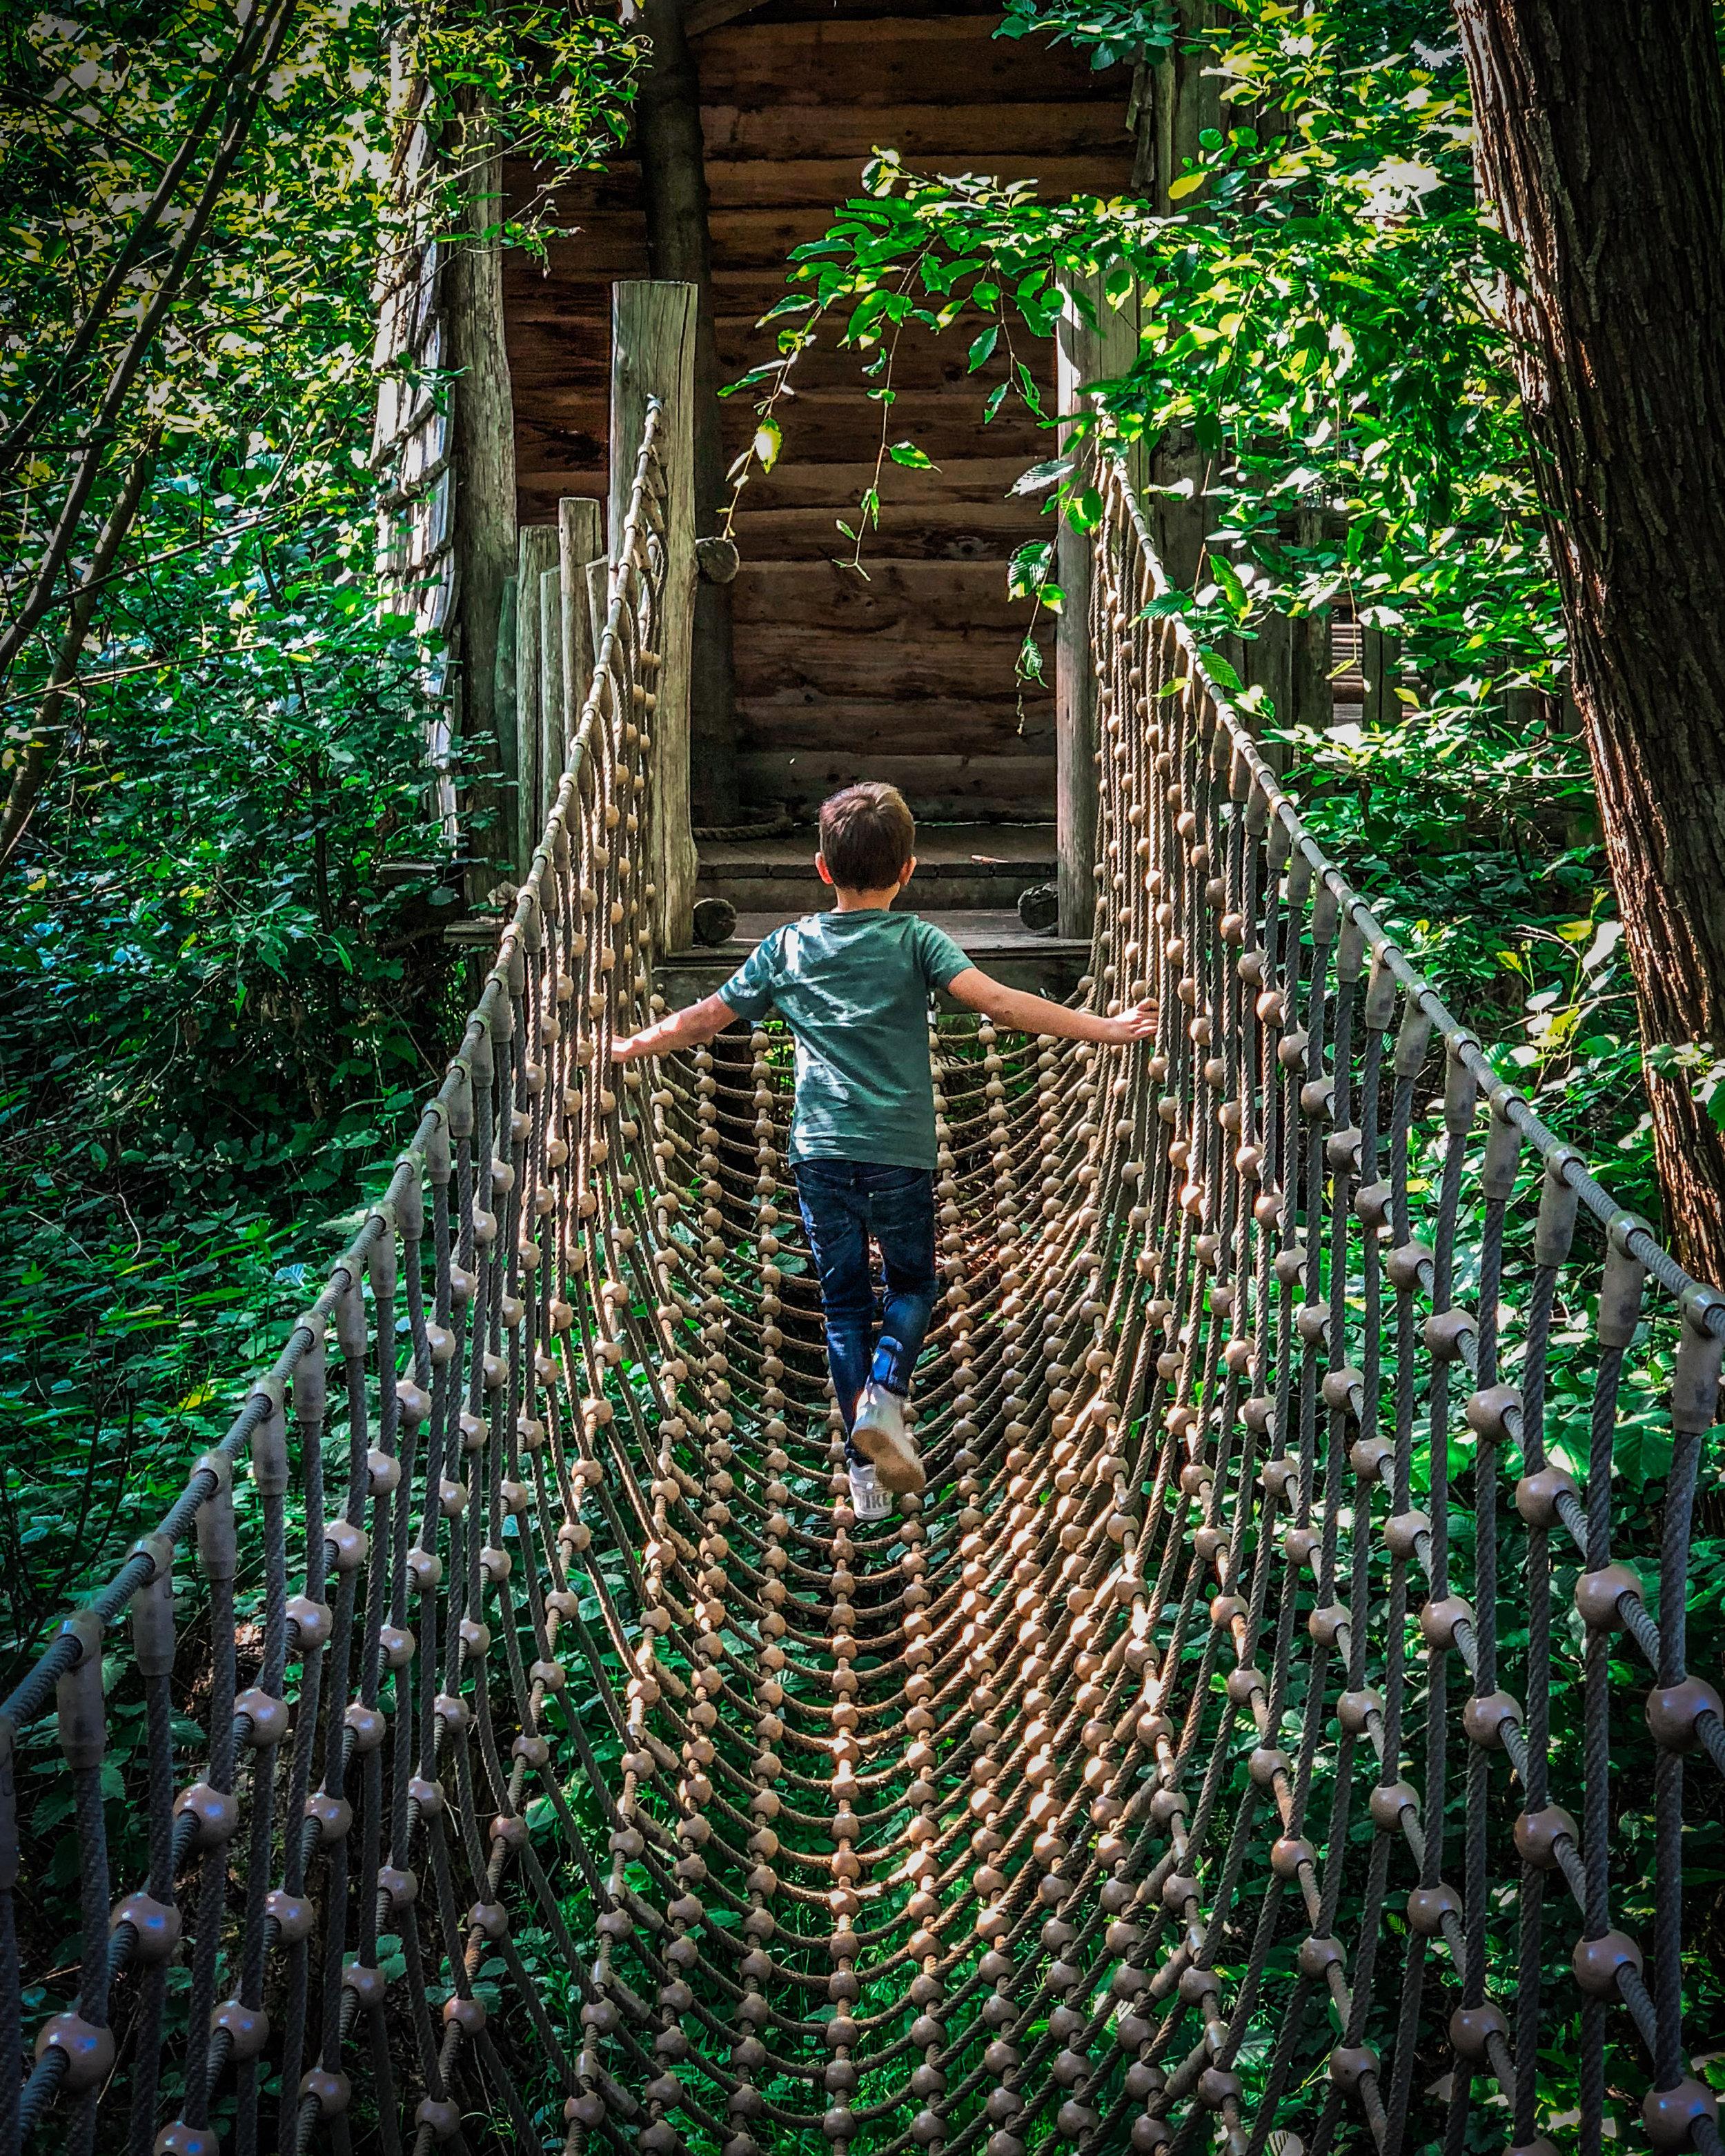 Limburglonkt - Kerkrade Gaiazoo - reizen met kinderen - speeltuin